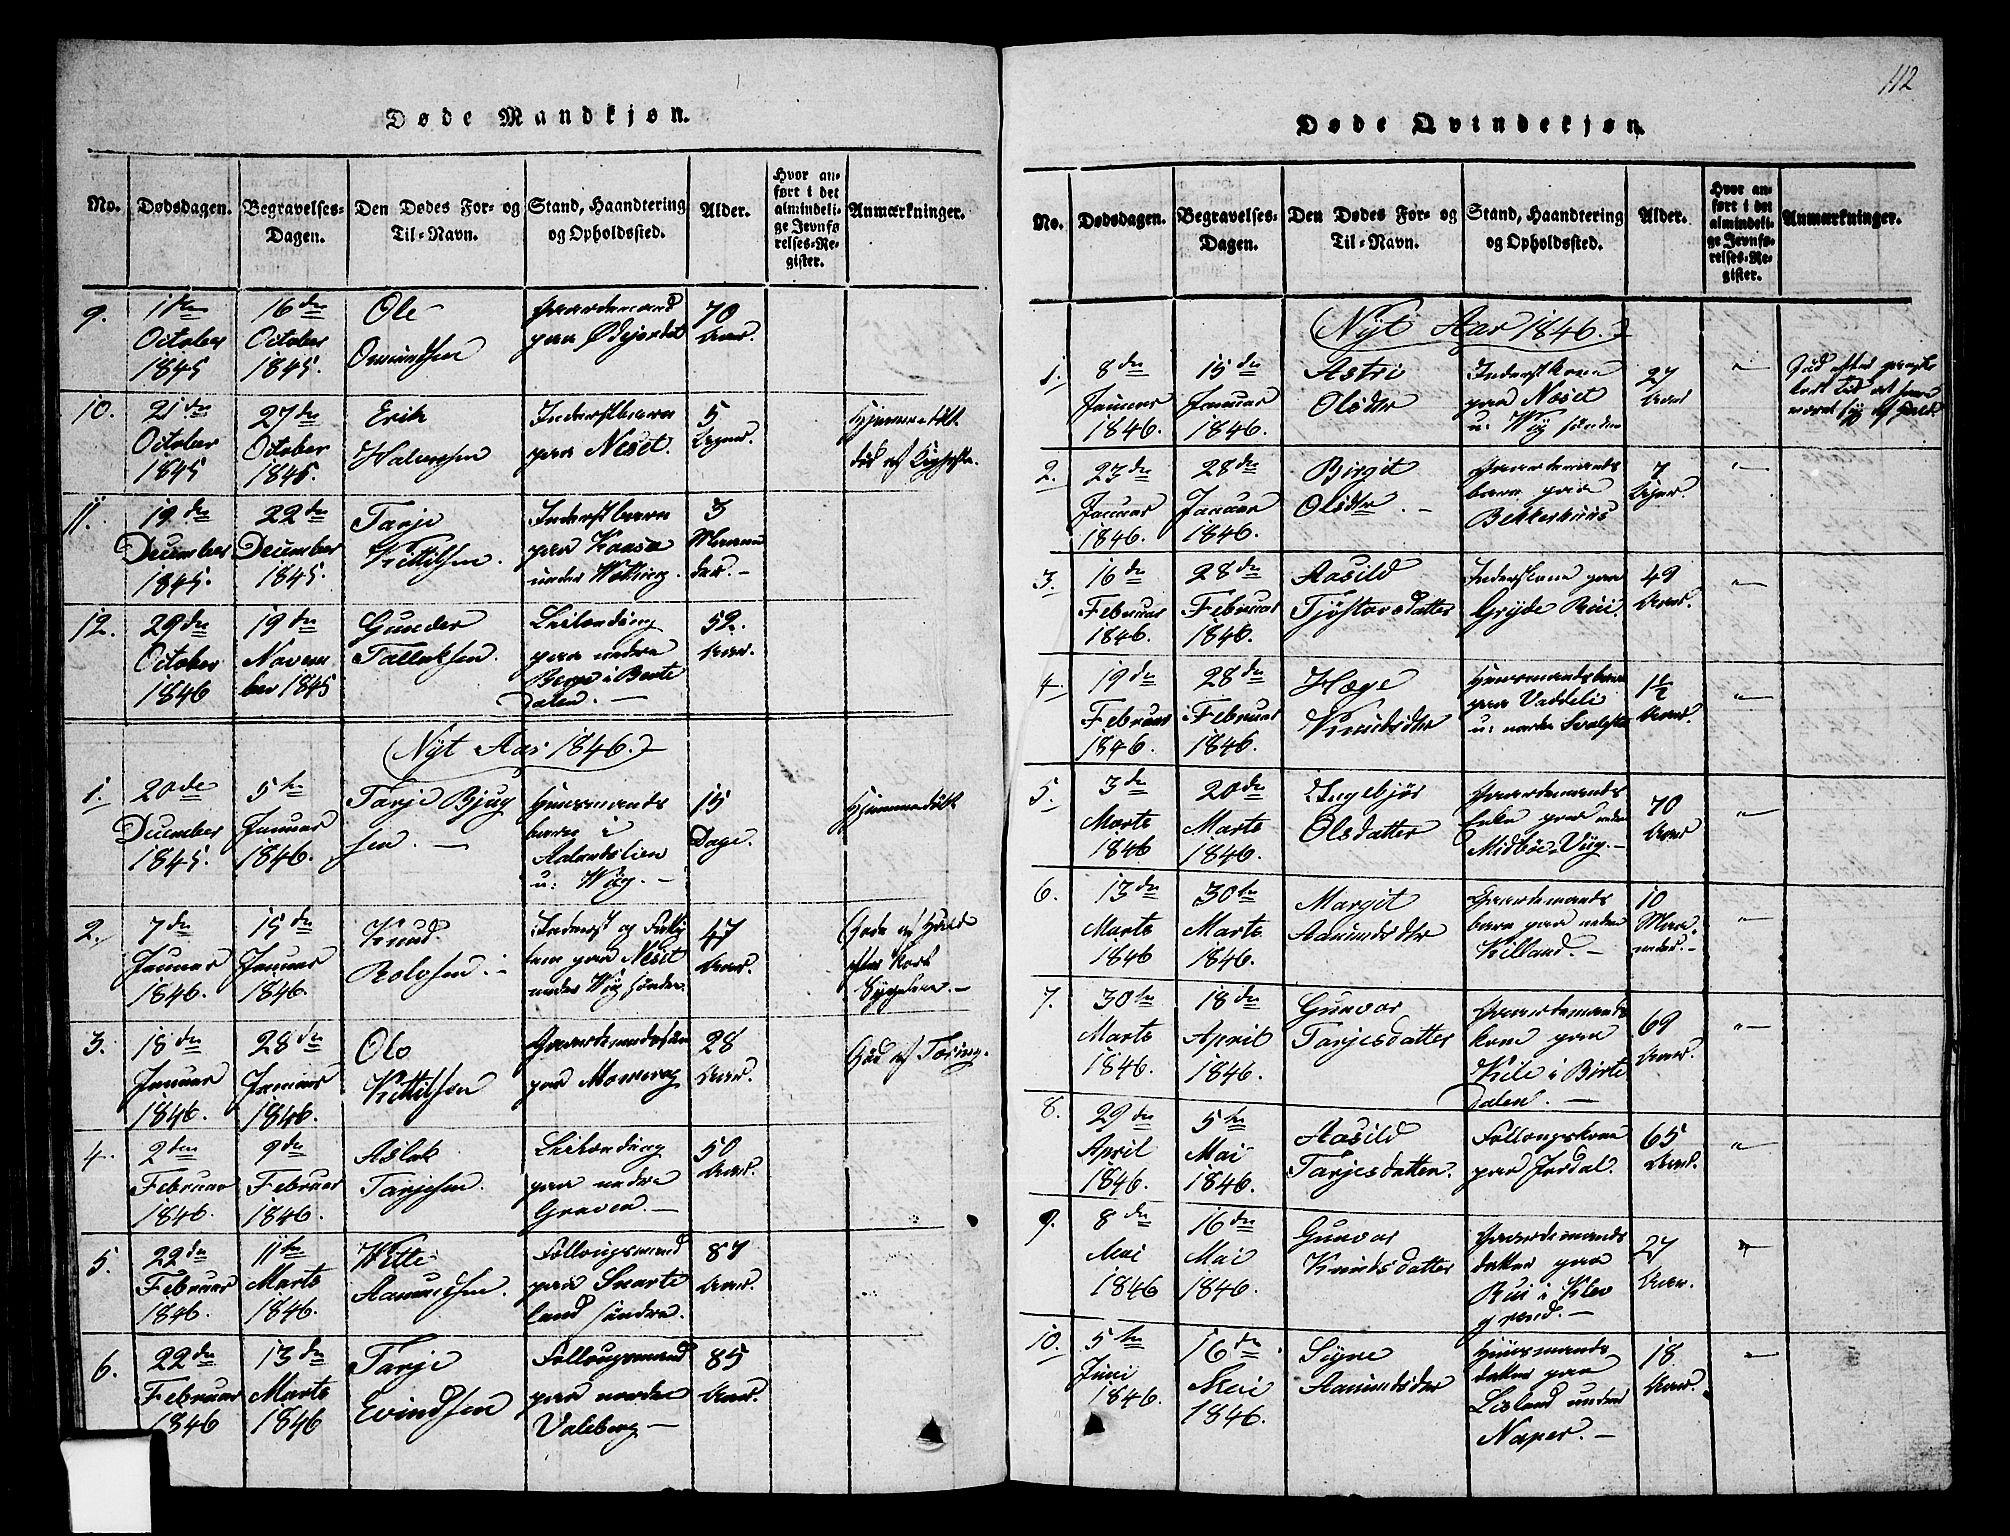 SAKO, Fyresdal kirkebøker, G/Ga/L0002: Klokkerbok nr. I 2, 1815-1857, s. 112